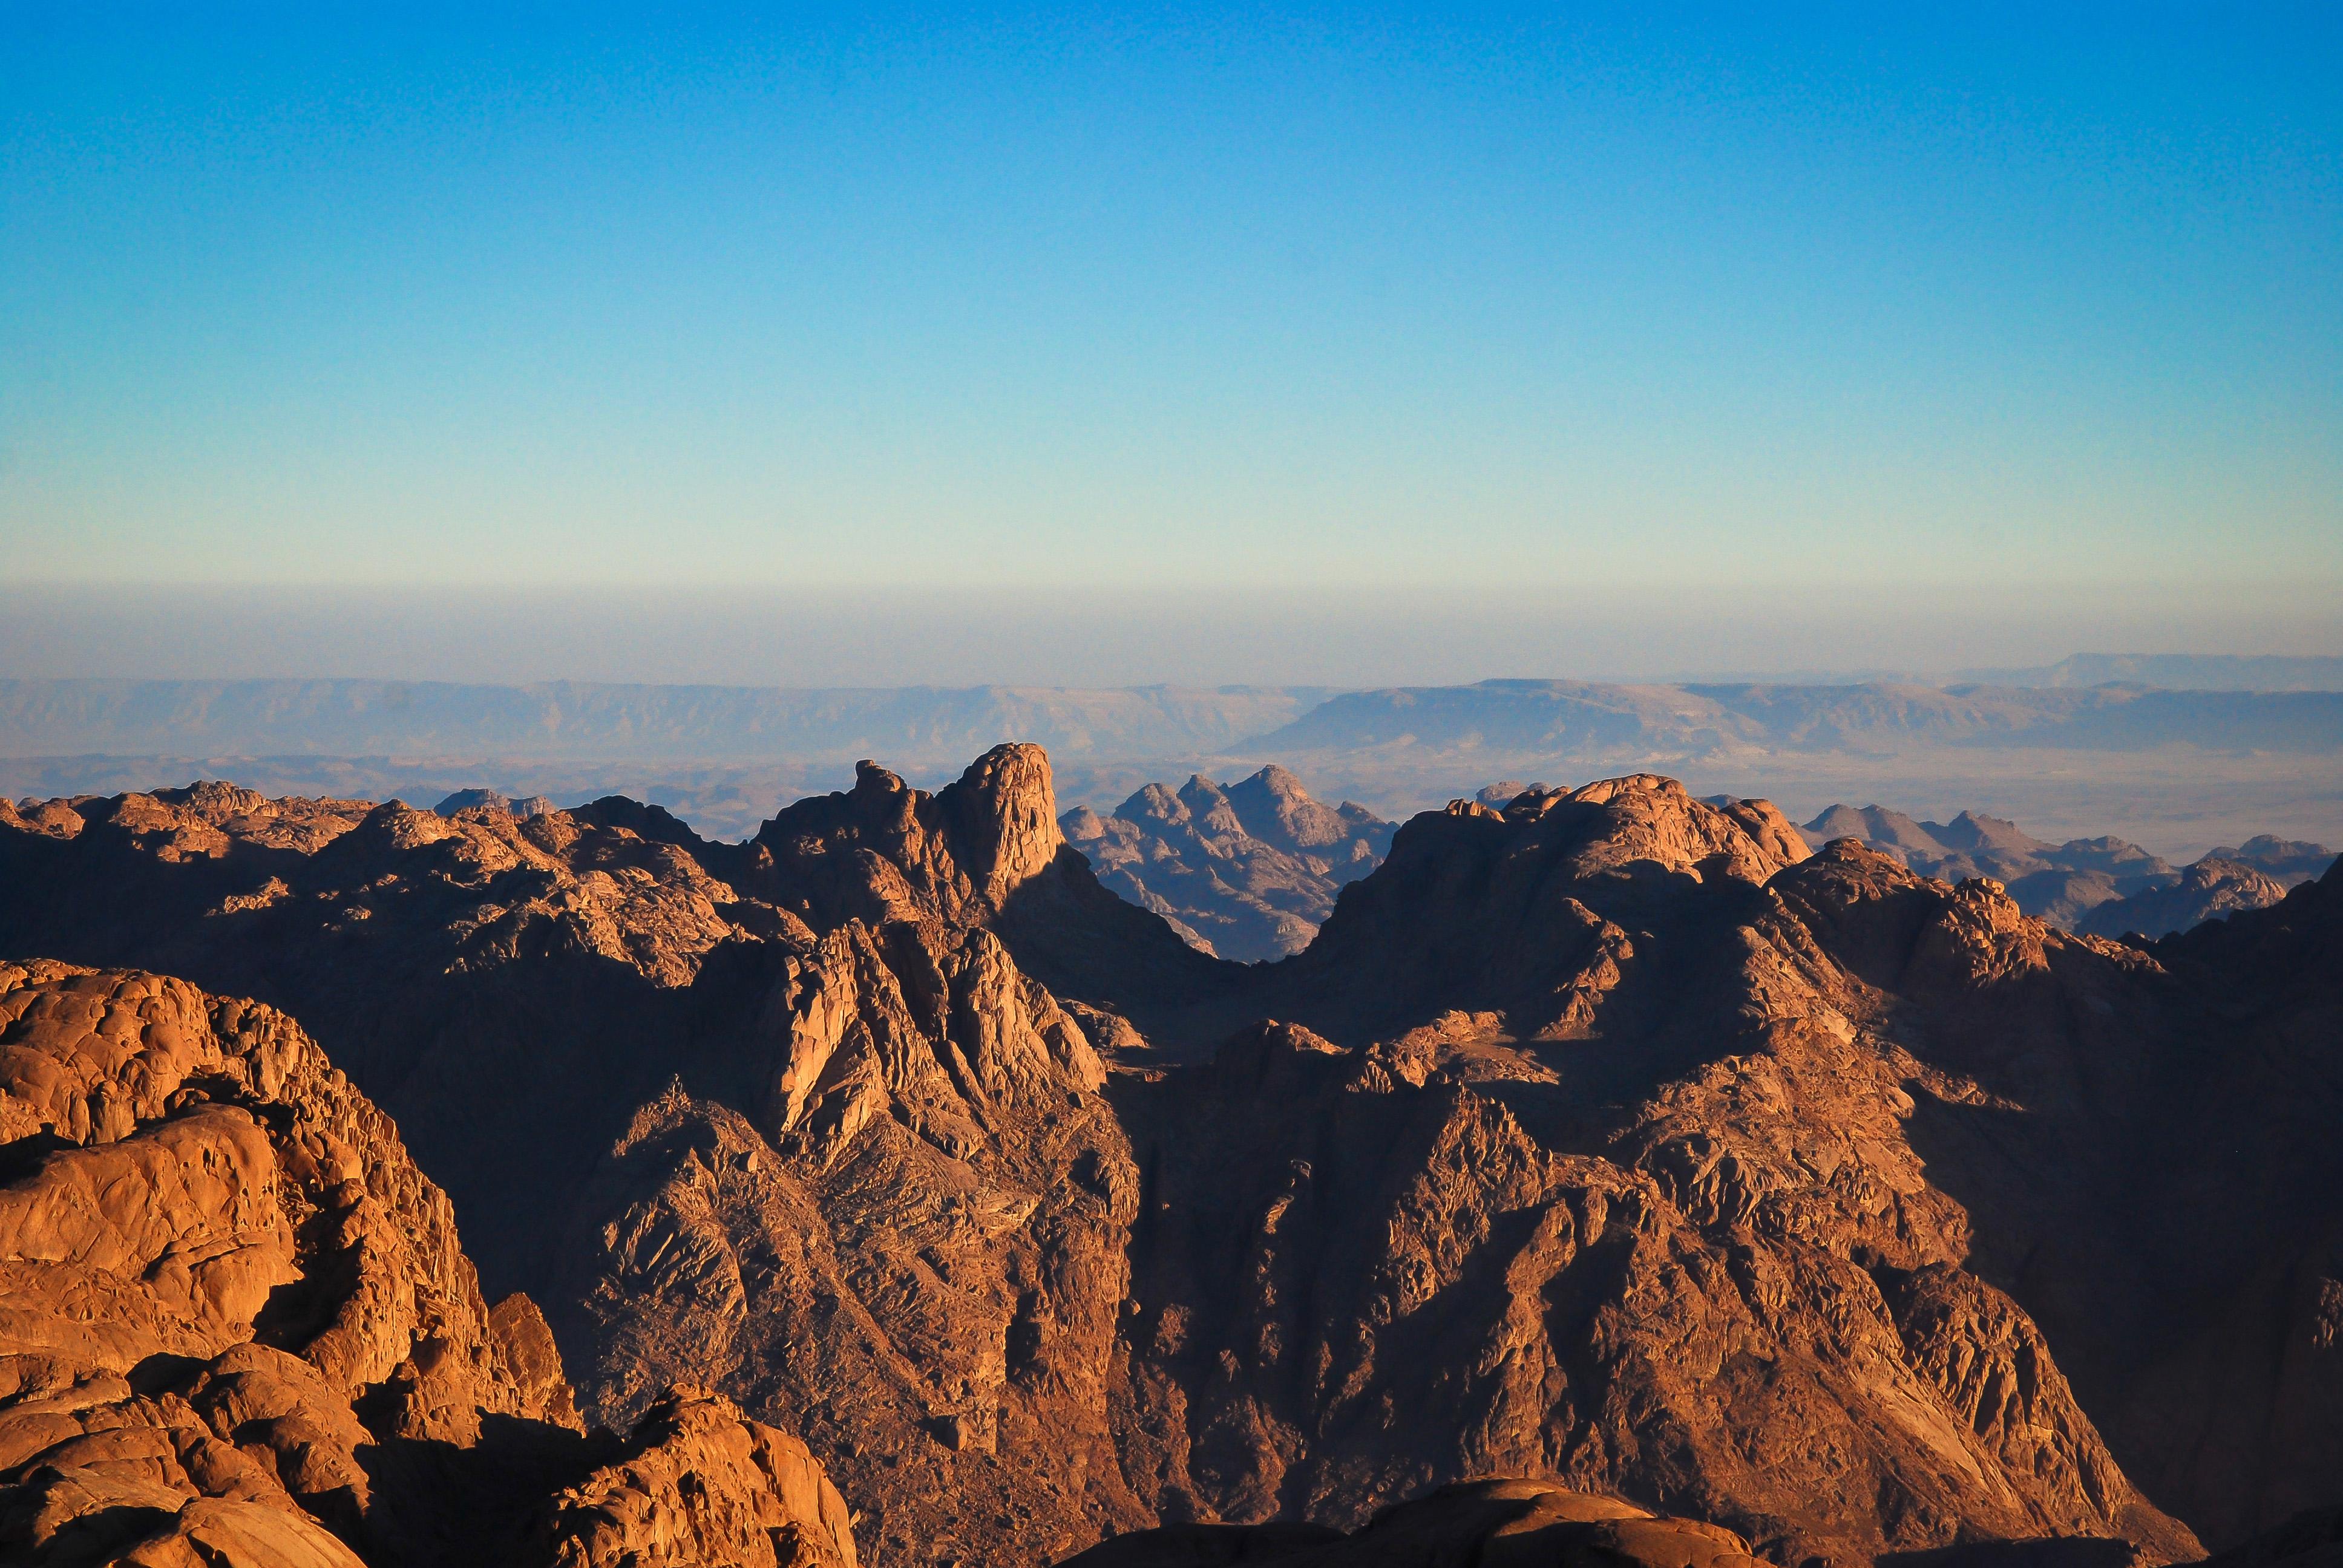 Gypsy Giraffe - Inspiring you to travel, to dream, to explore |Mount Sinai Eqypt